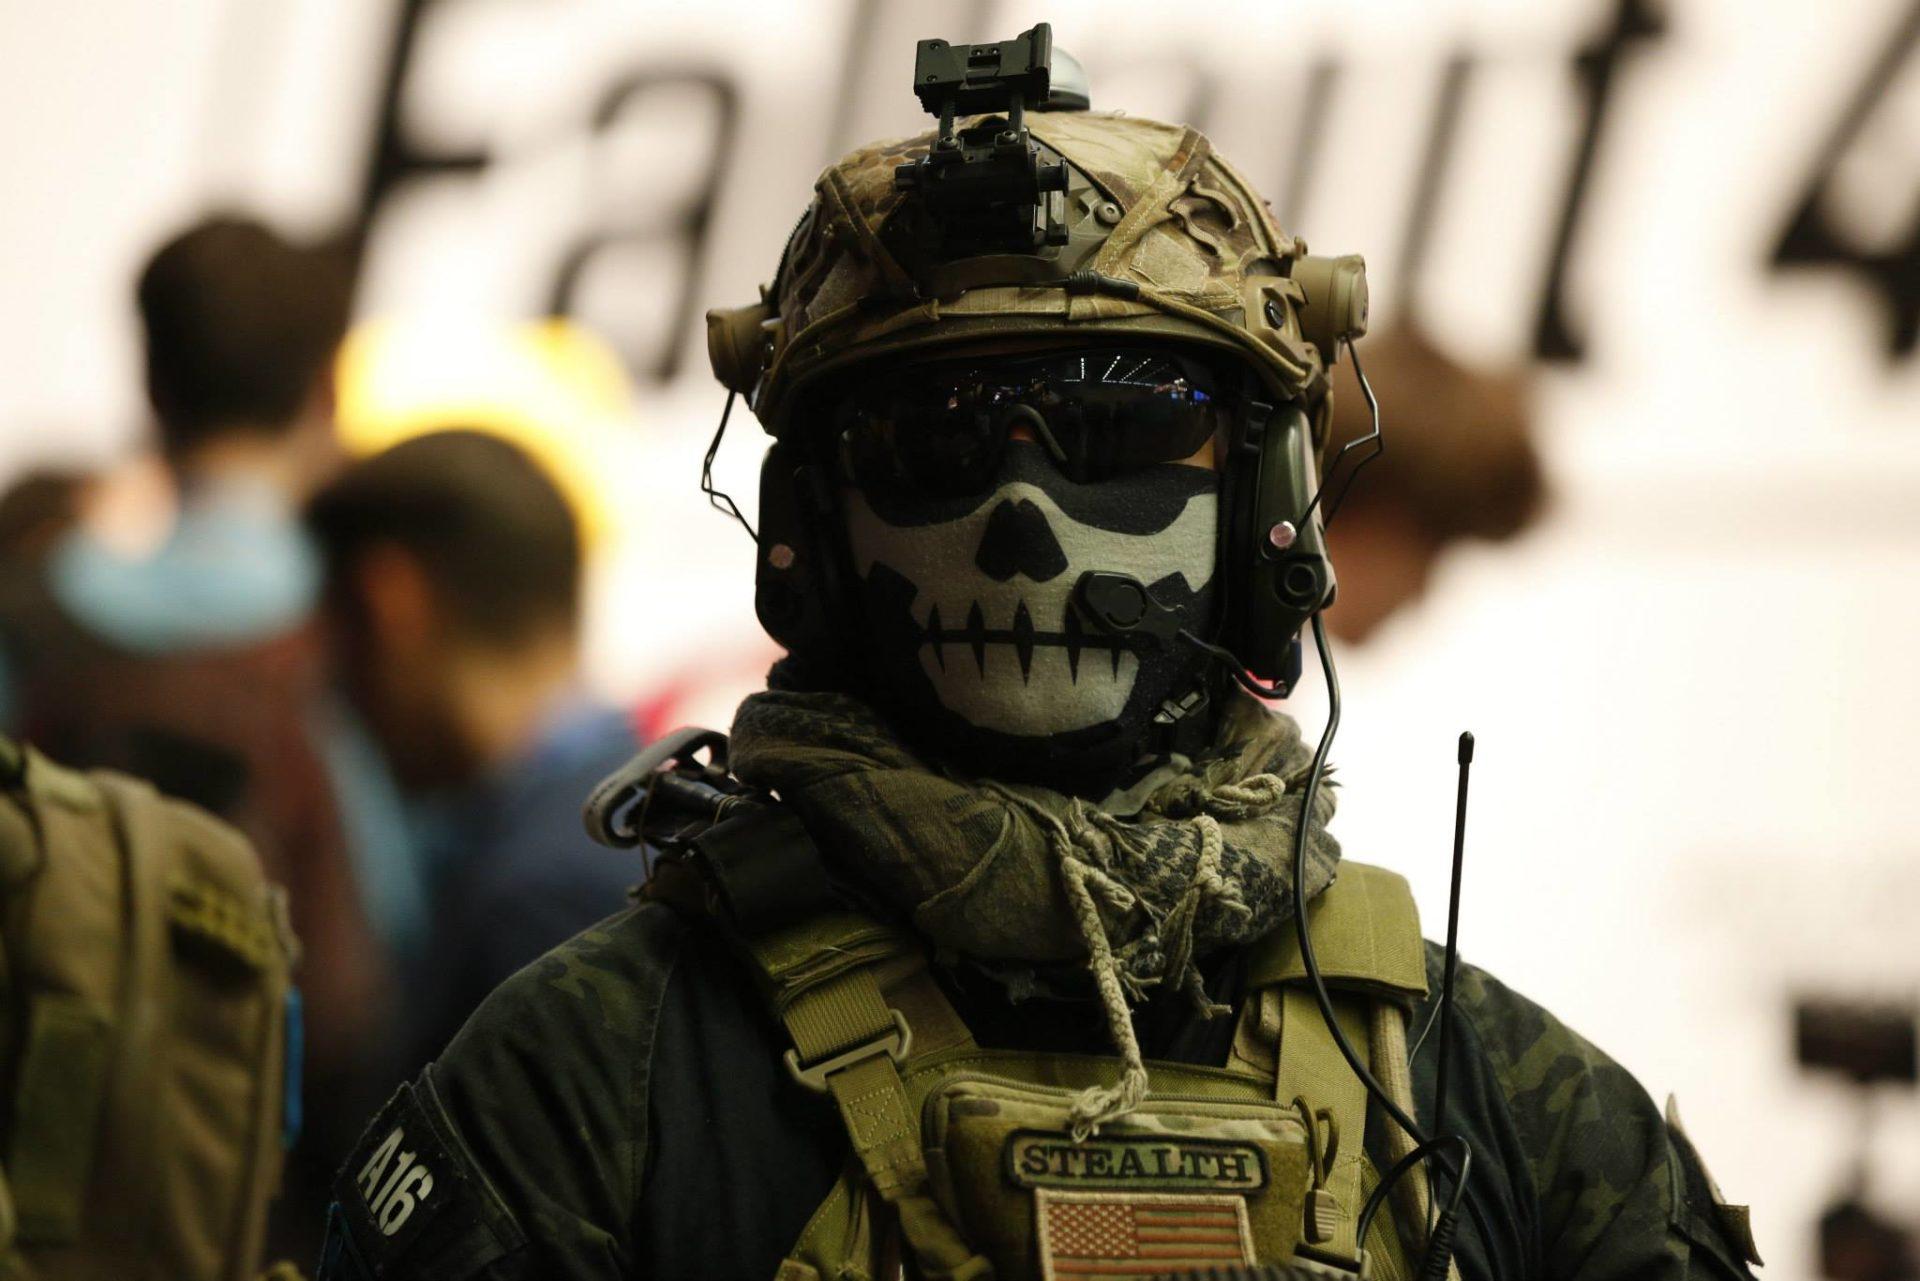 Kostümierung ja - Nachbildungen von Waffen: nein copyright: Alex Weis / CityNEWS